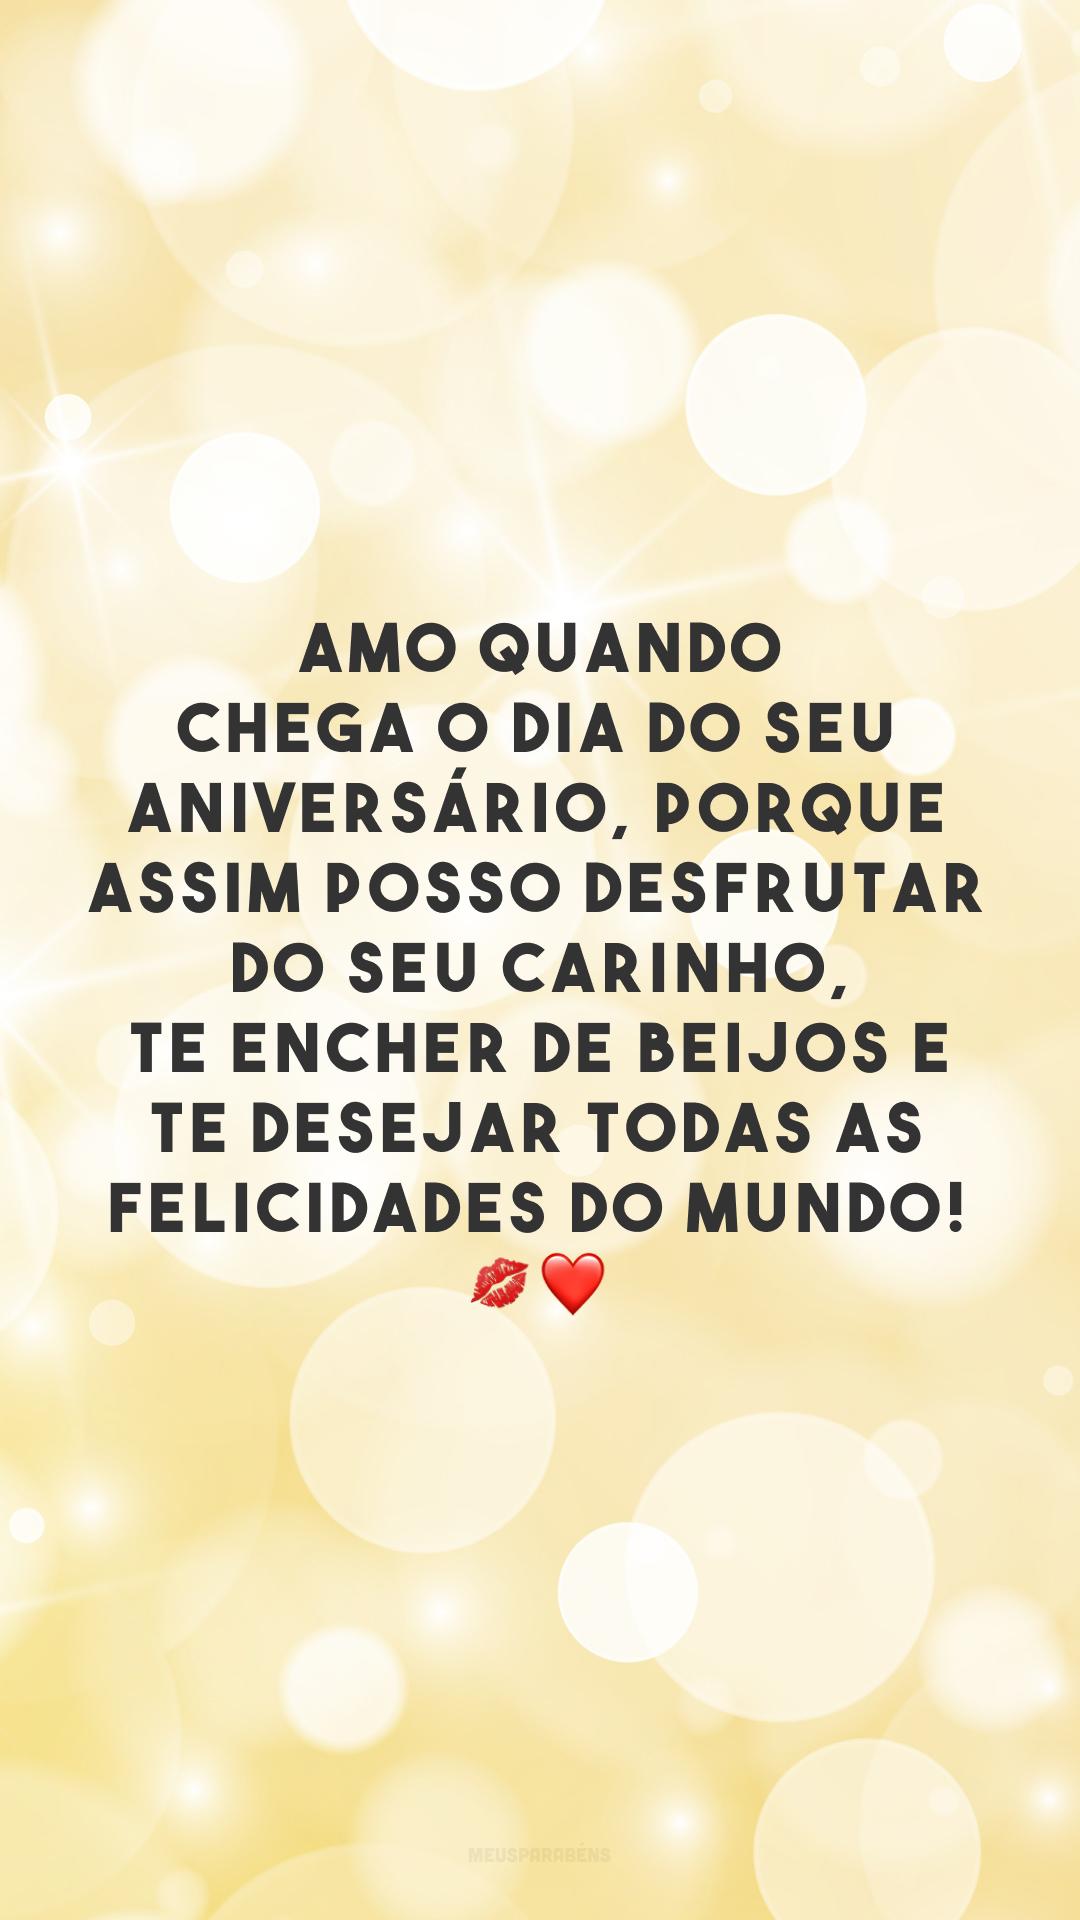 Amo quando chega o dia do seu aniversário, porque assim posso desfrutar do seu carinho, te encher de beijos e te desejar todas as felicidades do mundo! 💋❤️